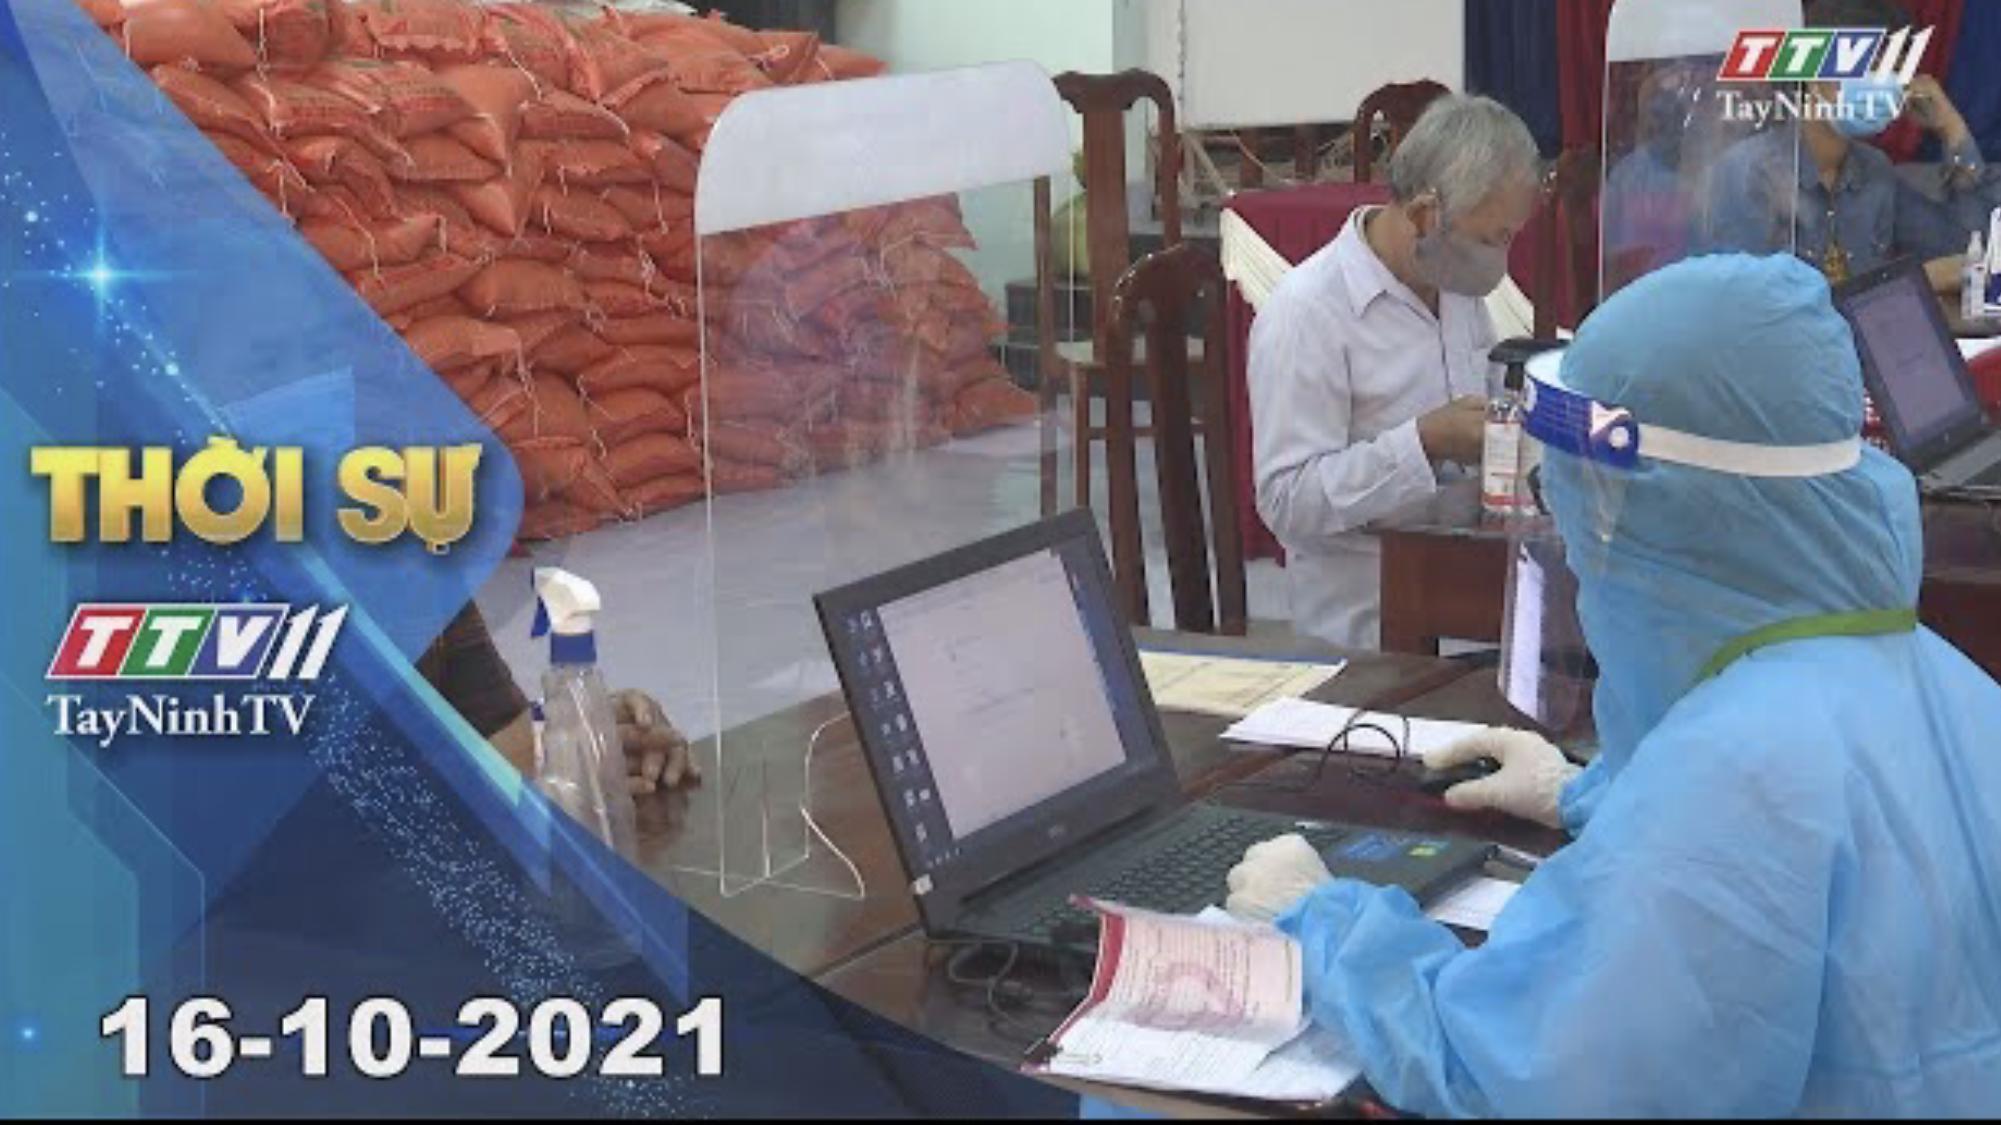 THỜI SỰ TÂY NINH 16/10/2021 | Tin tức hôm nay | TayNinhTV